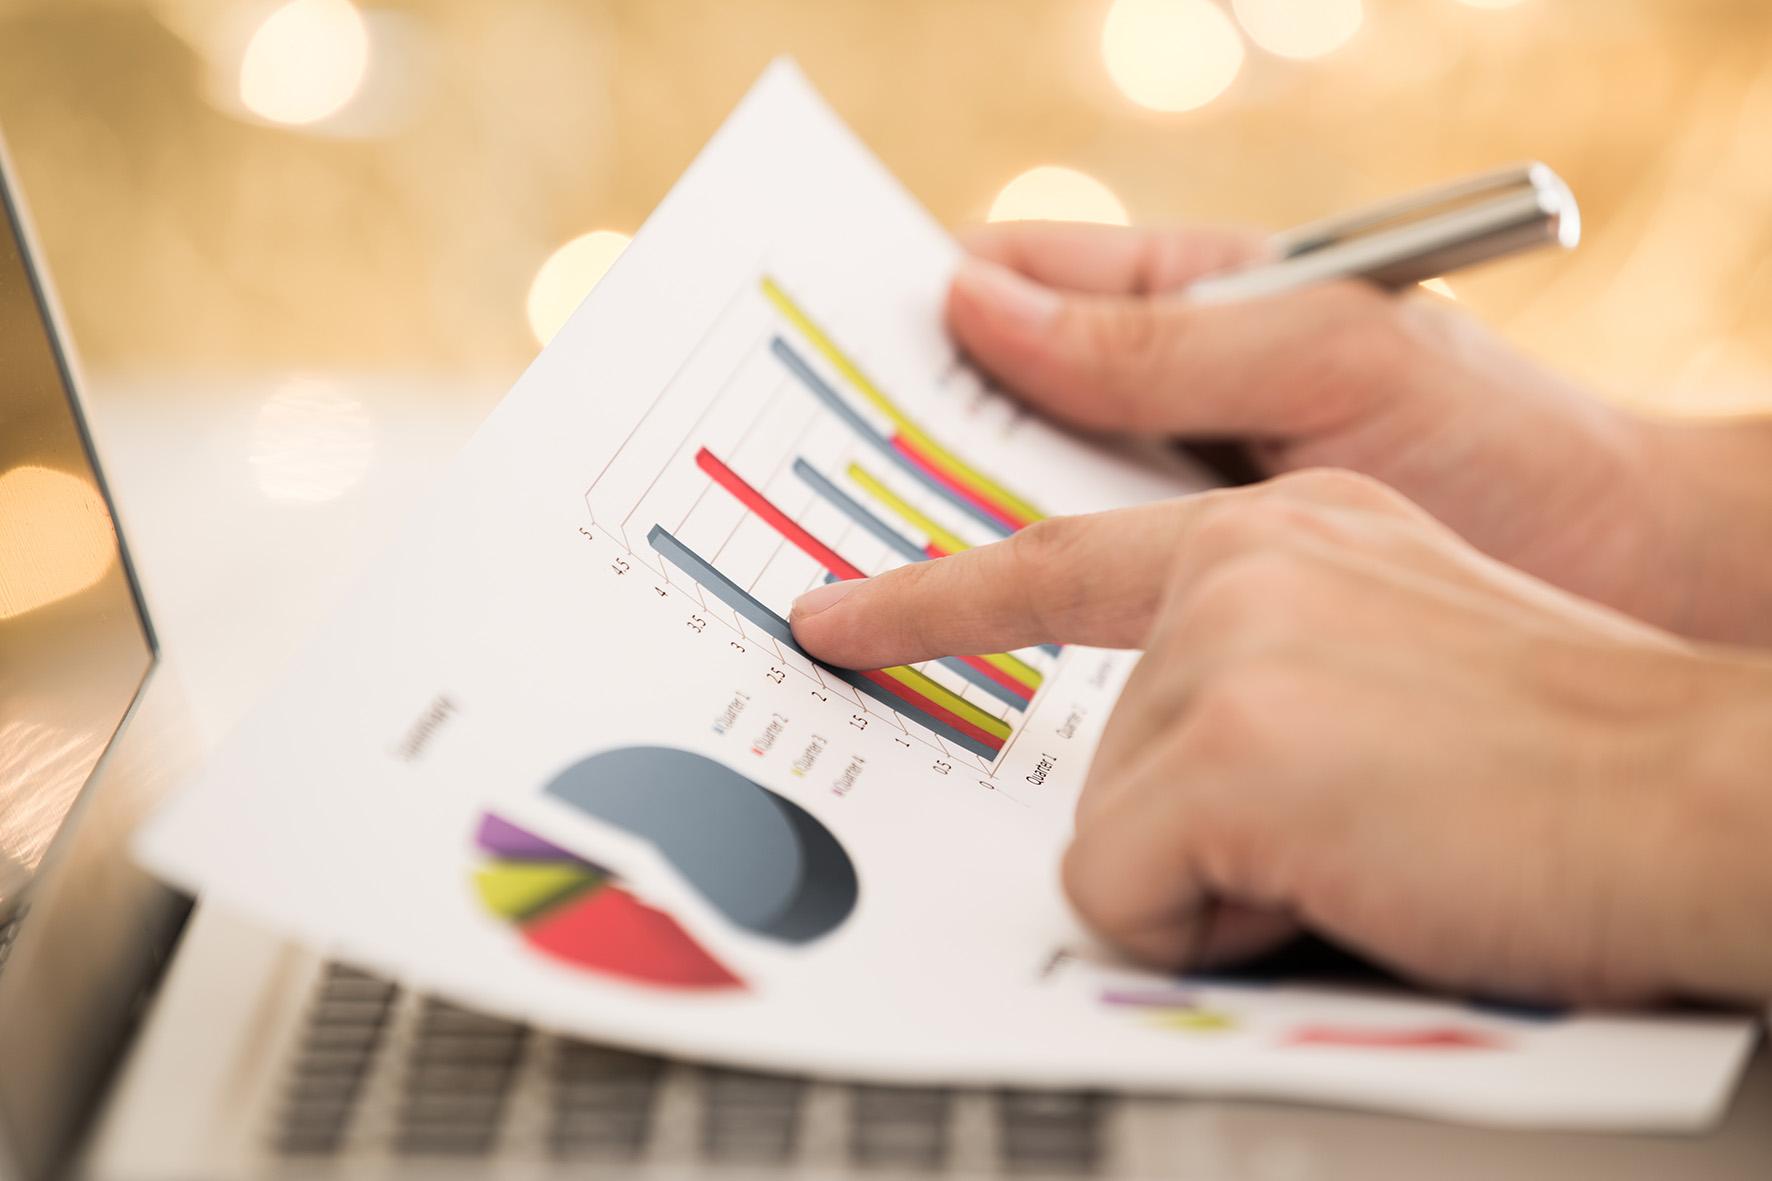 نتيجة بحث الصور عن الديون أم الأسهم.. أيهما تختار لتمويل شركتك؟